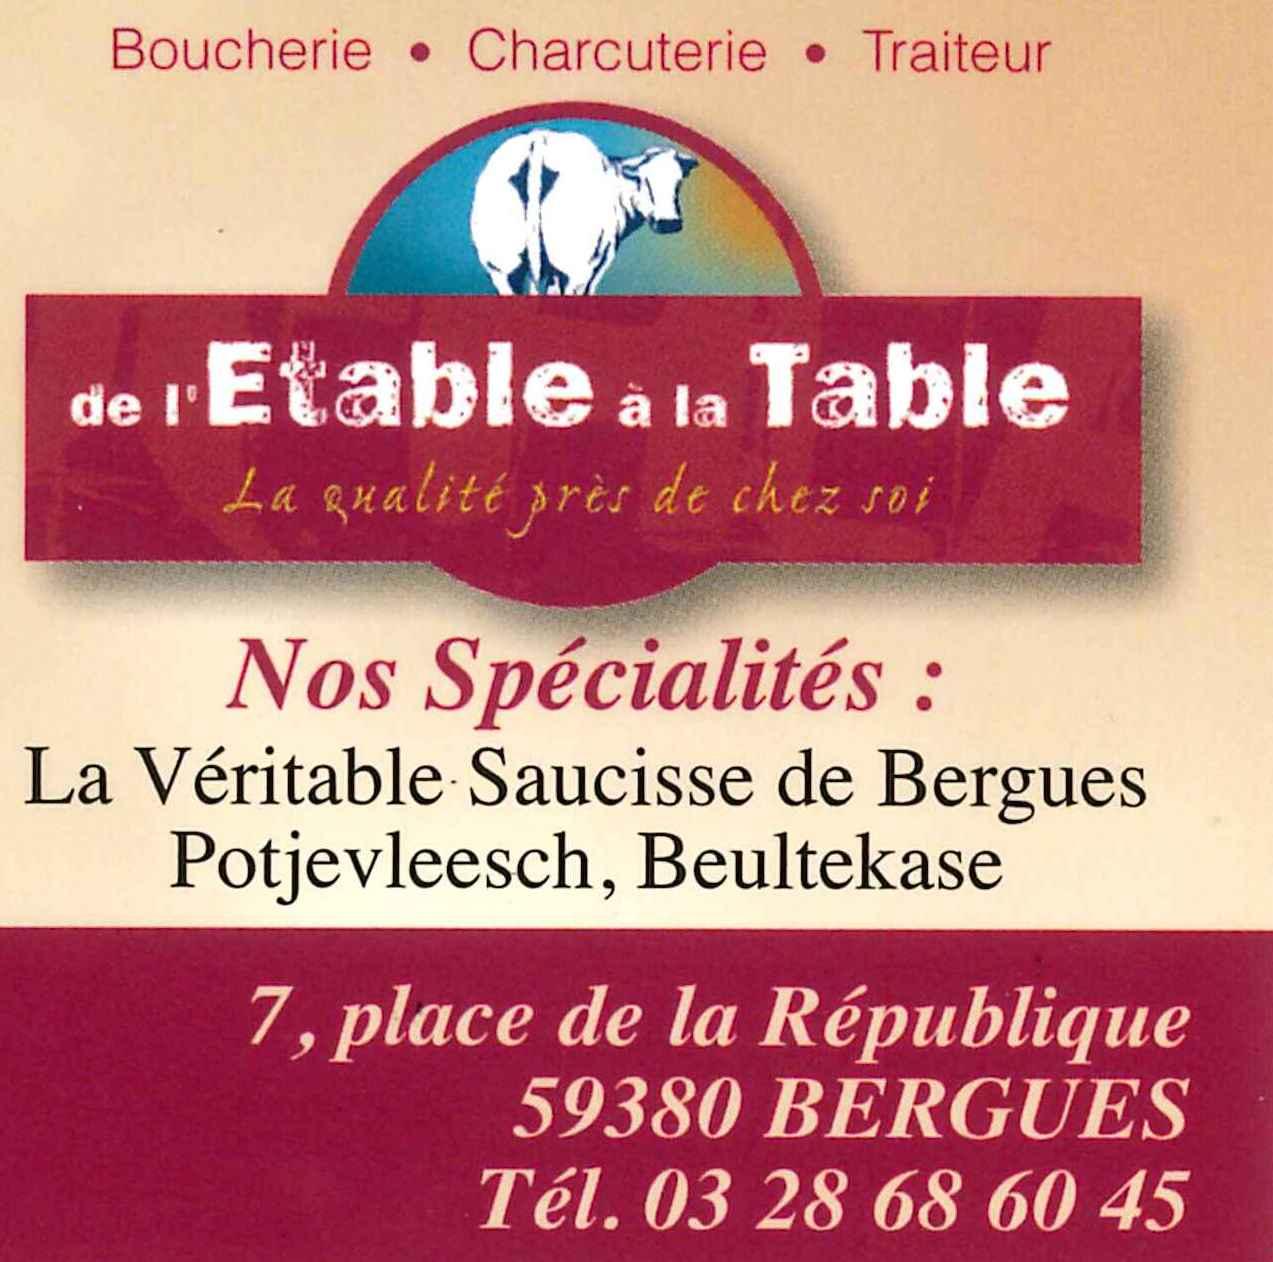 De l'Etable à la table.jpg